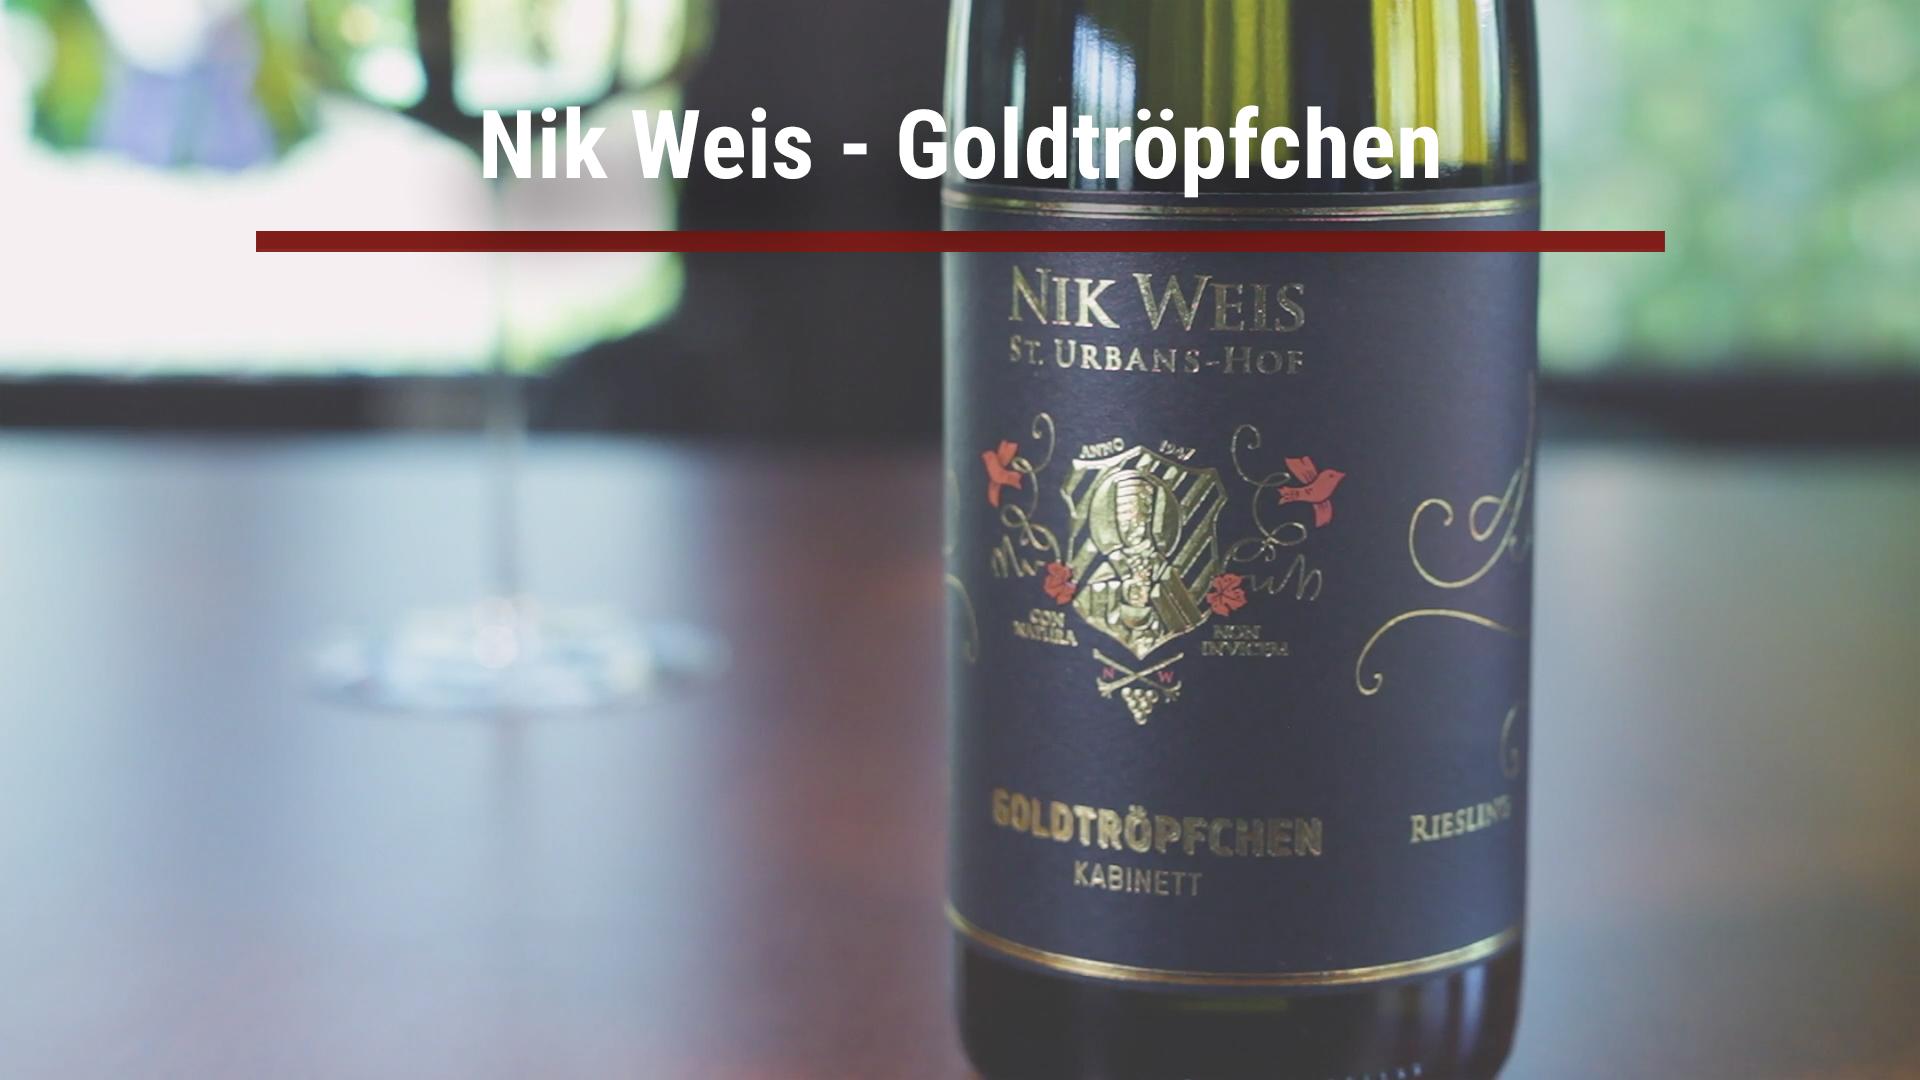 Nik Weis – Goldtröpfchen